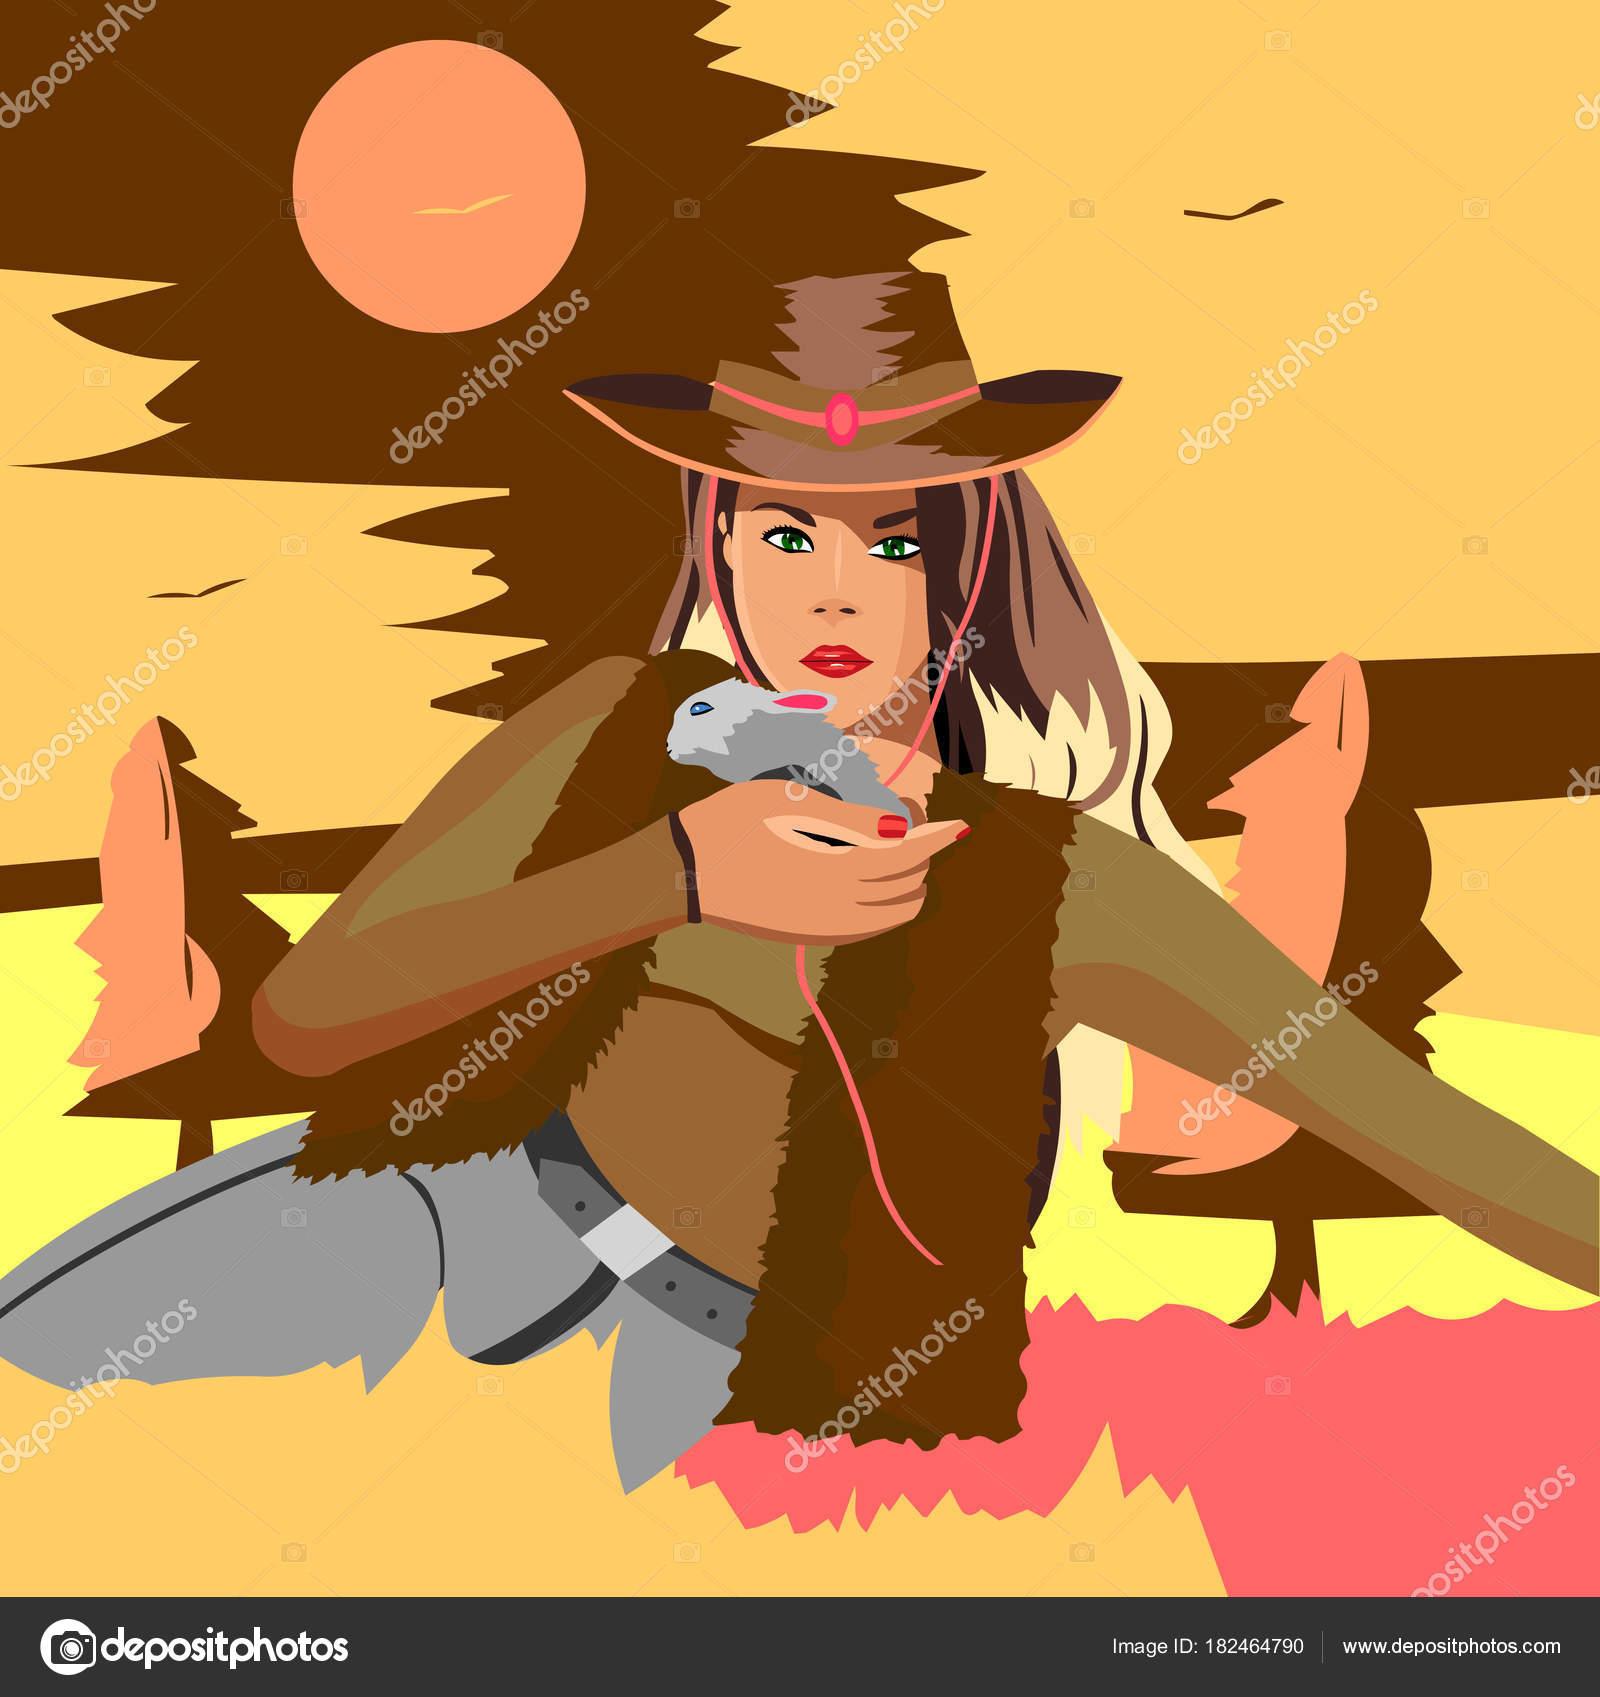 bec28eca9271b Linda Loira Com Chapéu Cowboy Sentado Caixa Segurando Coelho — Vetores de  Stock